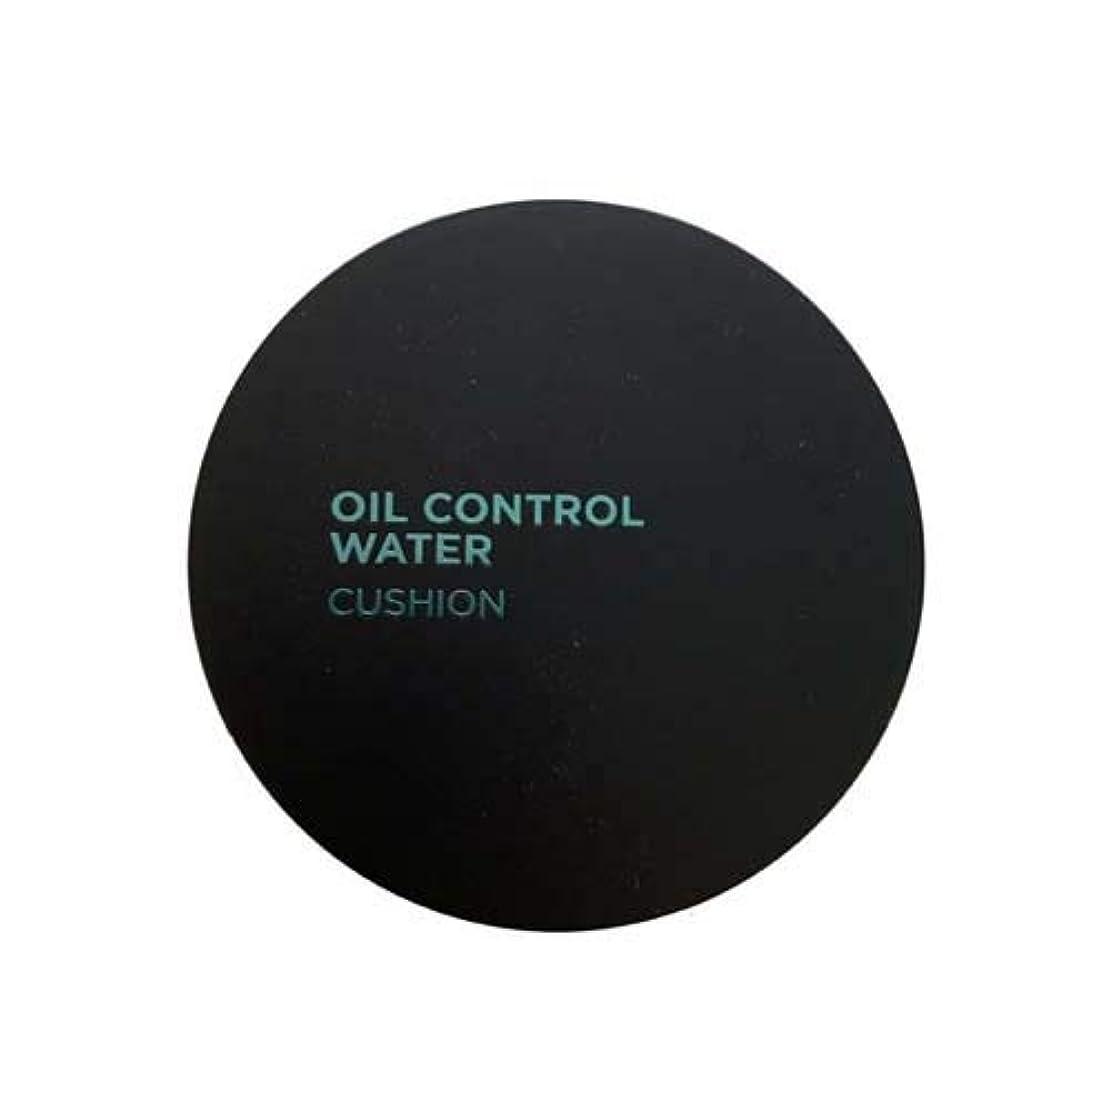 スリッパ壮大減少[ザ?フェイスショップ] THE FACE SHOP [オイルコントロール水分クッションEX SPF50+ PA+++15g] Oil Control Water Cushion EX 15g [海外直送品] (V203...